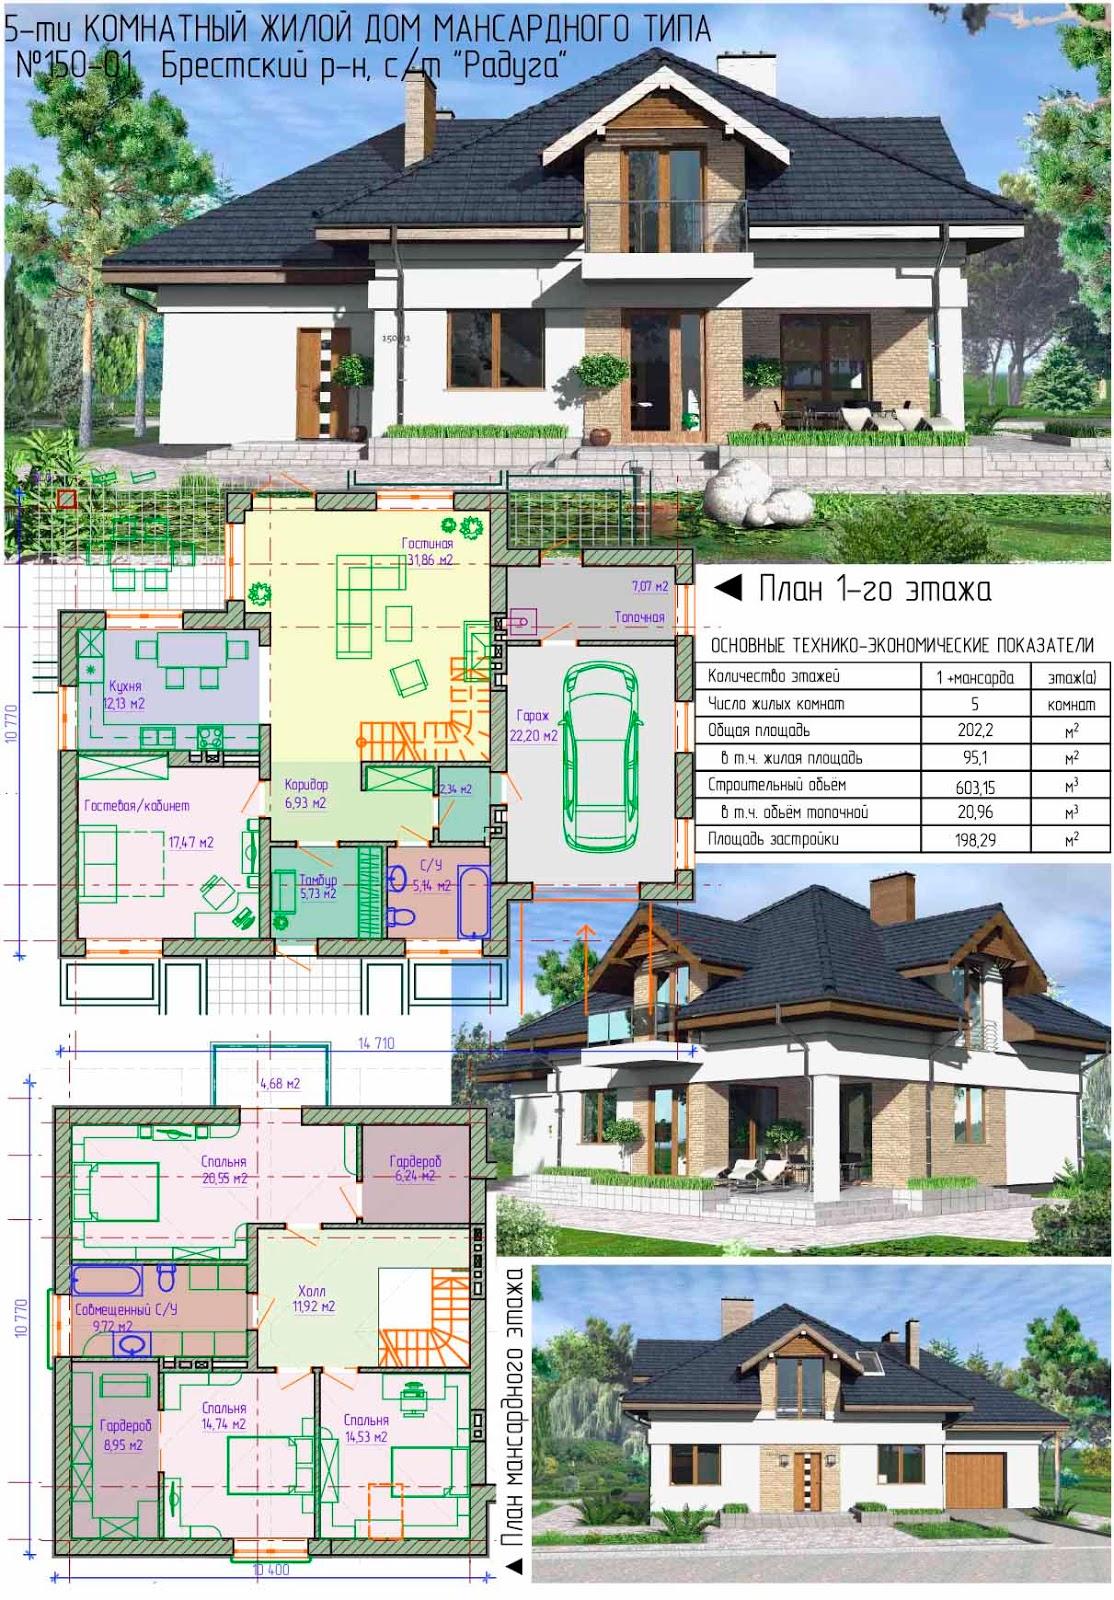 двухэтажный дом проект план фото мансардного типа глядя